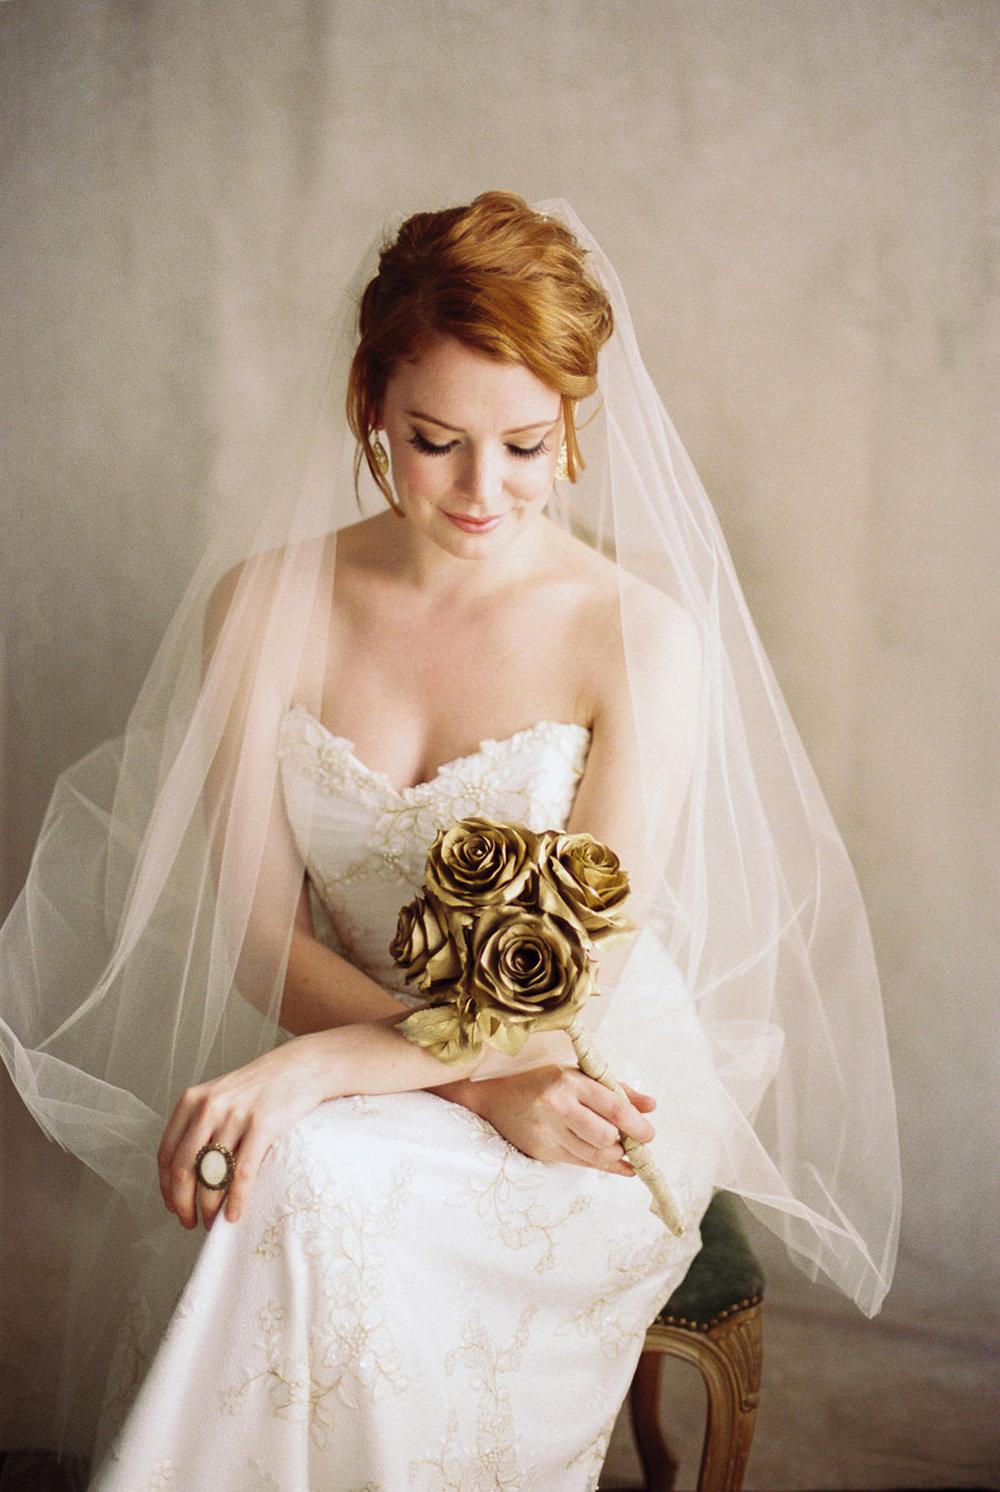 Lara_Lam_Vintage_Heirloom_wedding_photographer_Etablir_shop_vintage_rental63.jpg